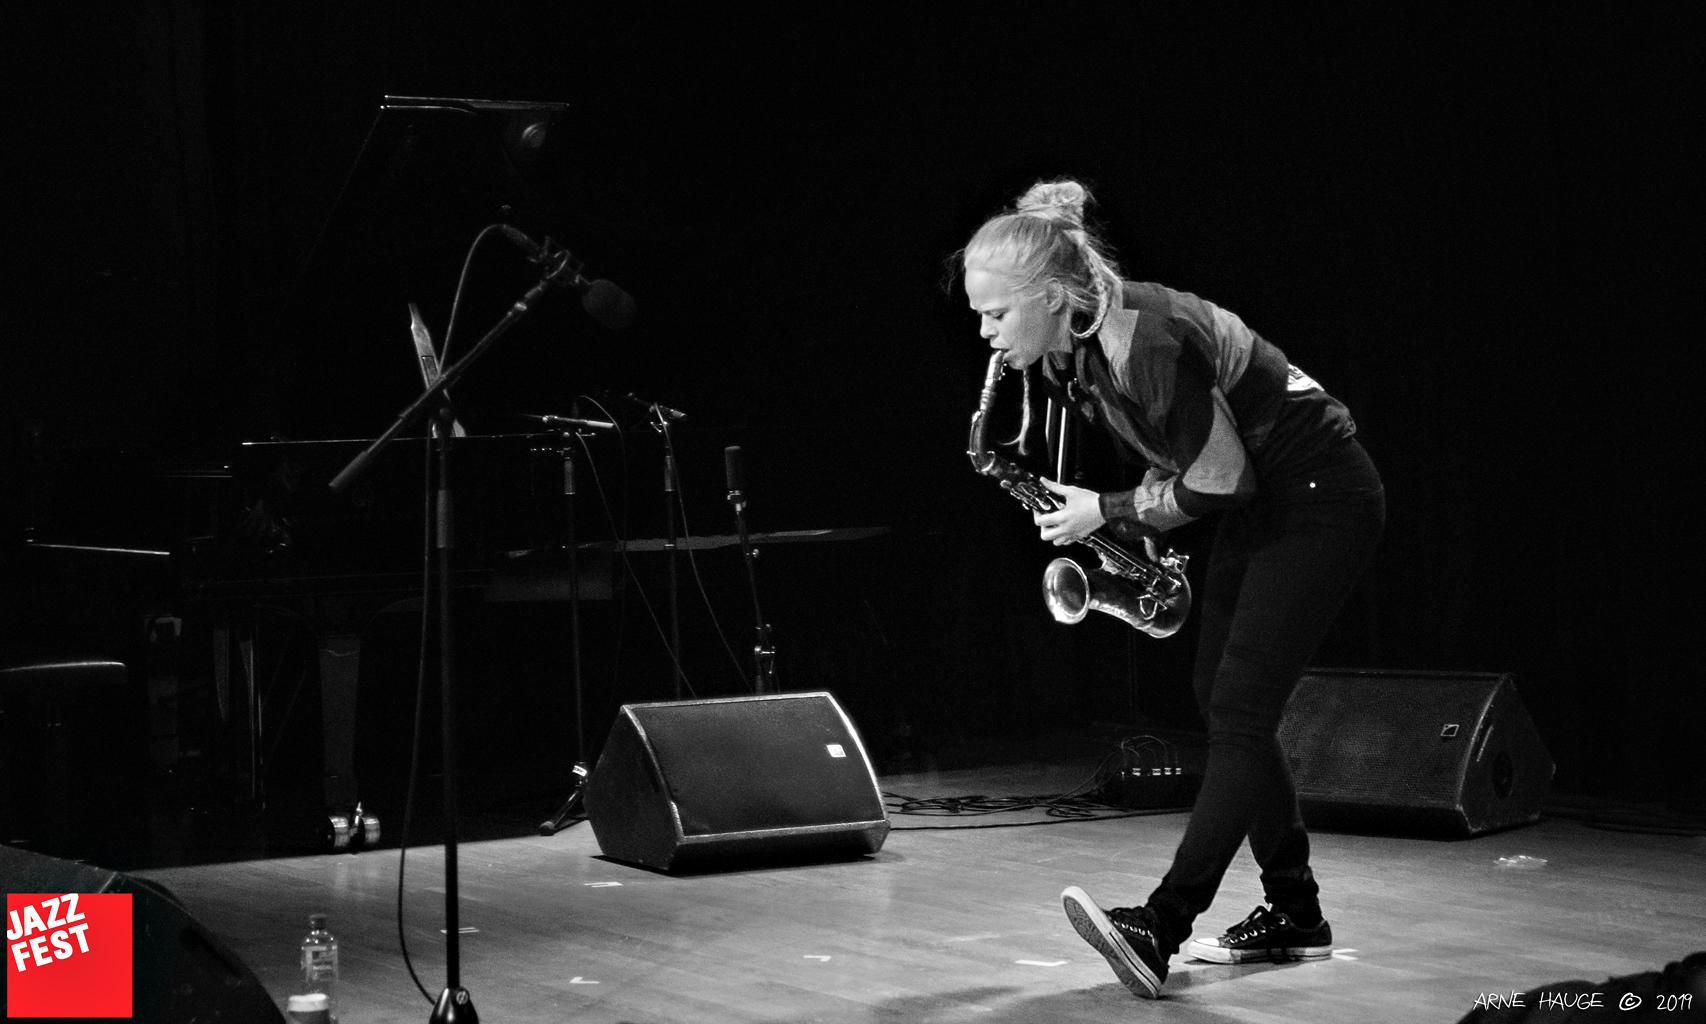 Foto: Arne Hauge